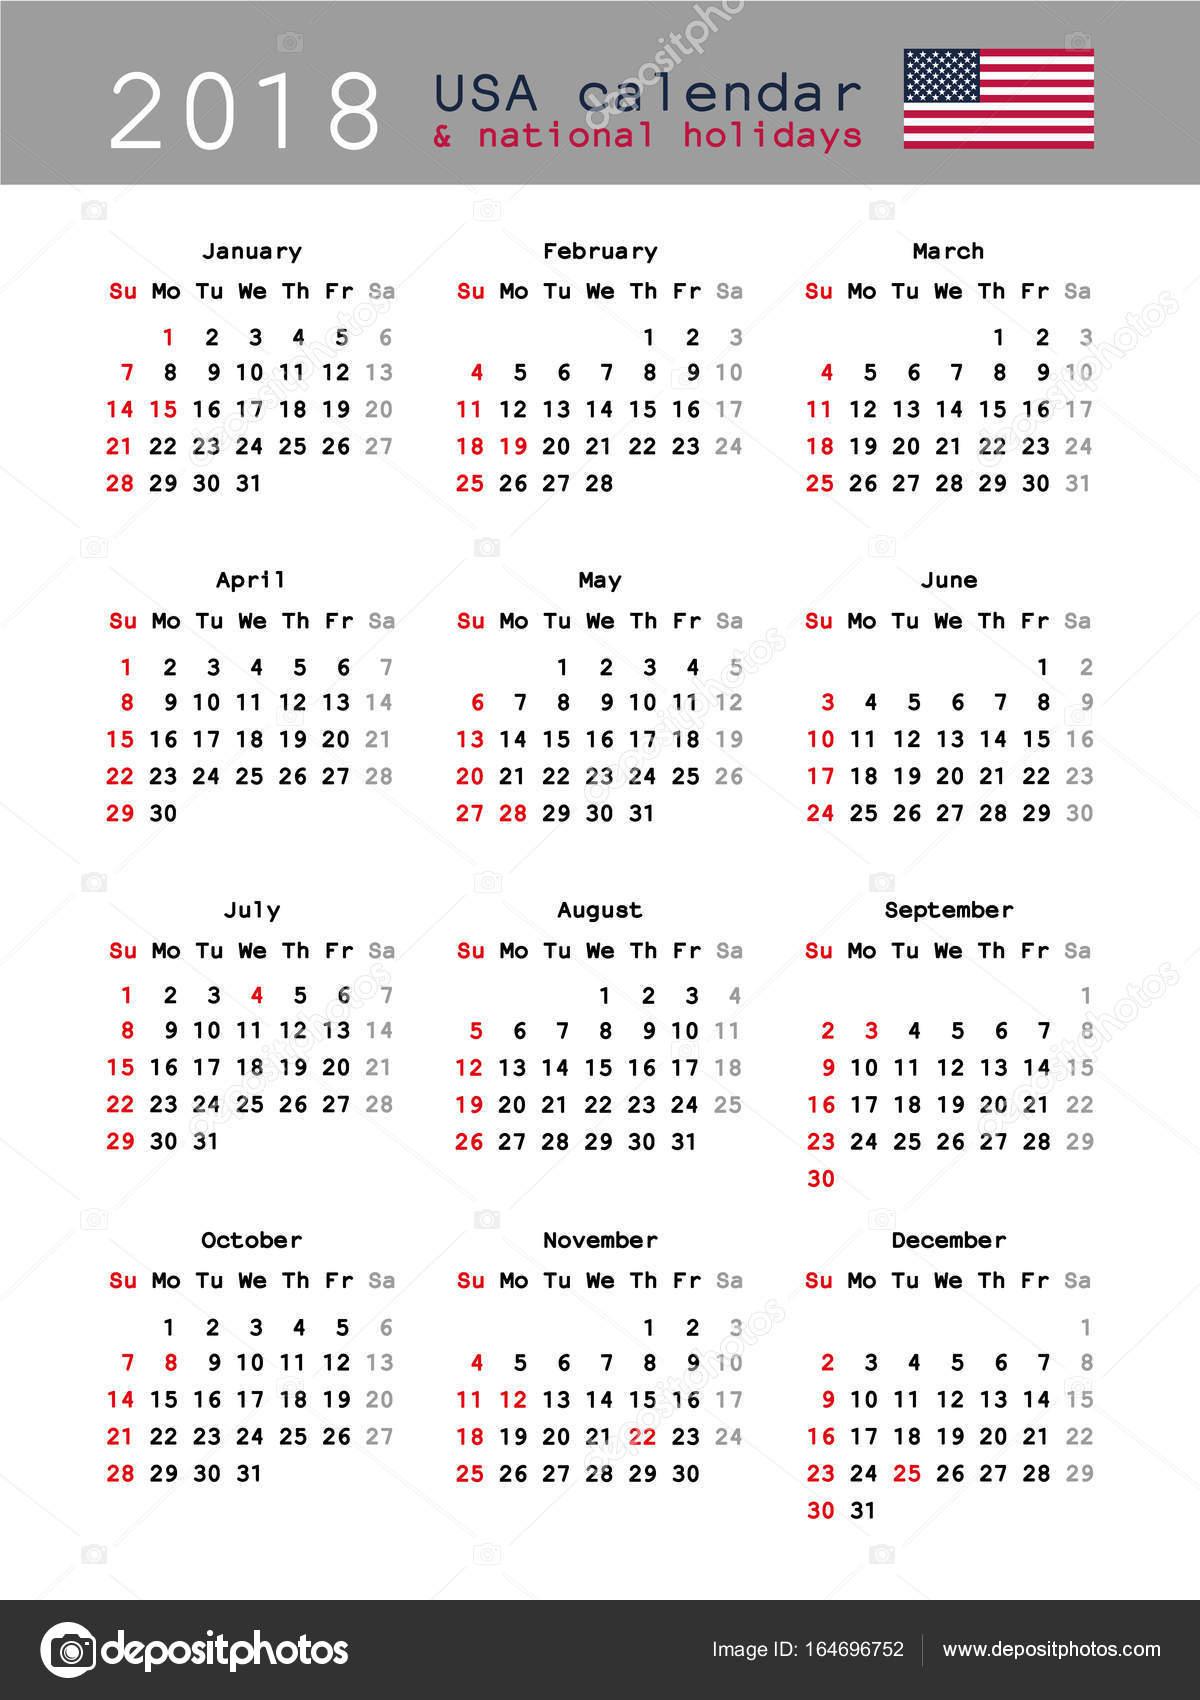 Calendario de Estados Unidos 2018 — Archivo Imágenes